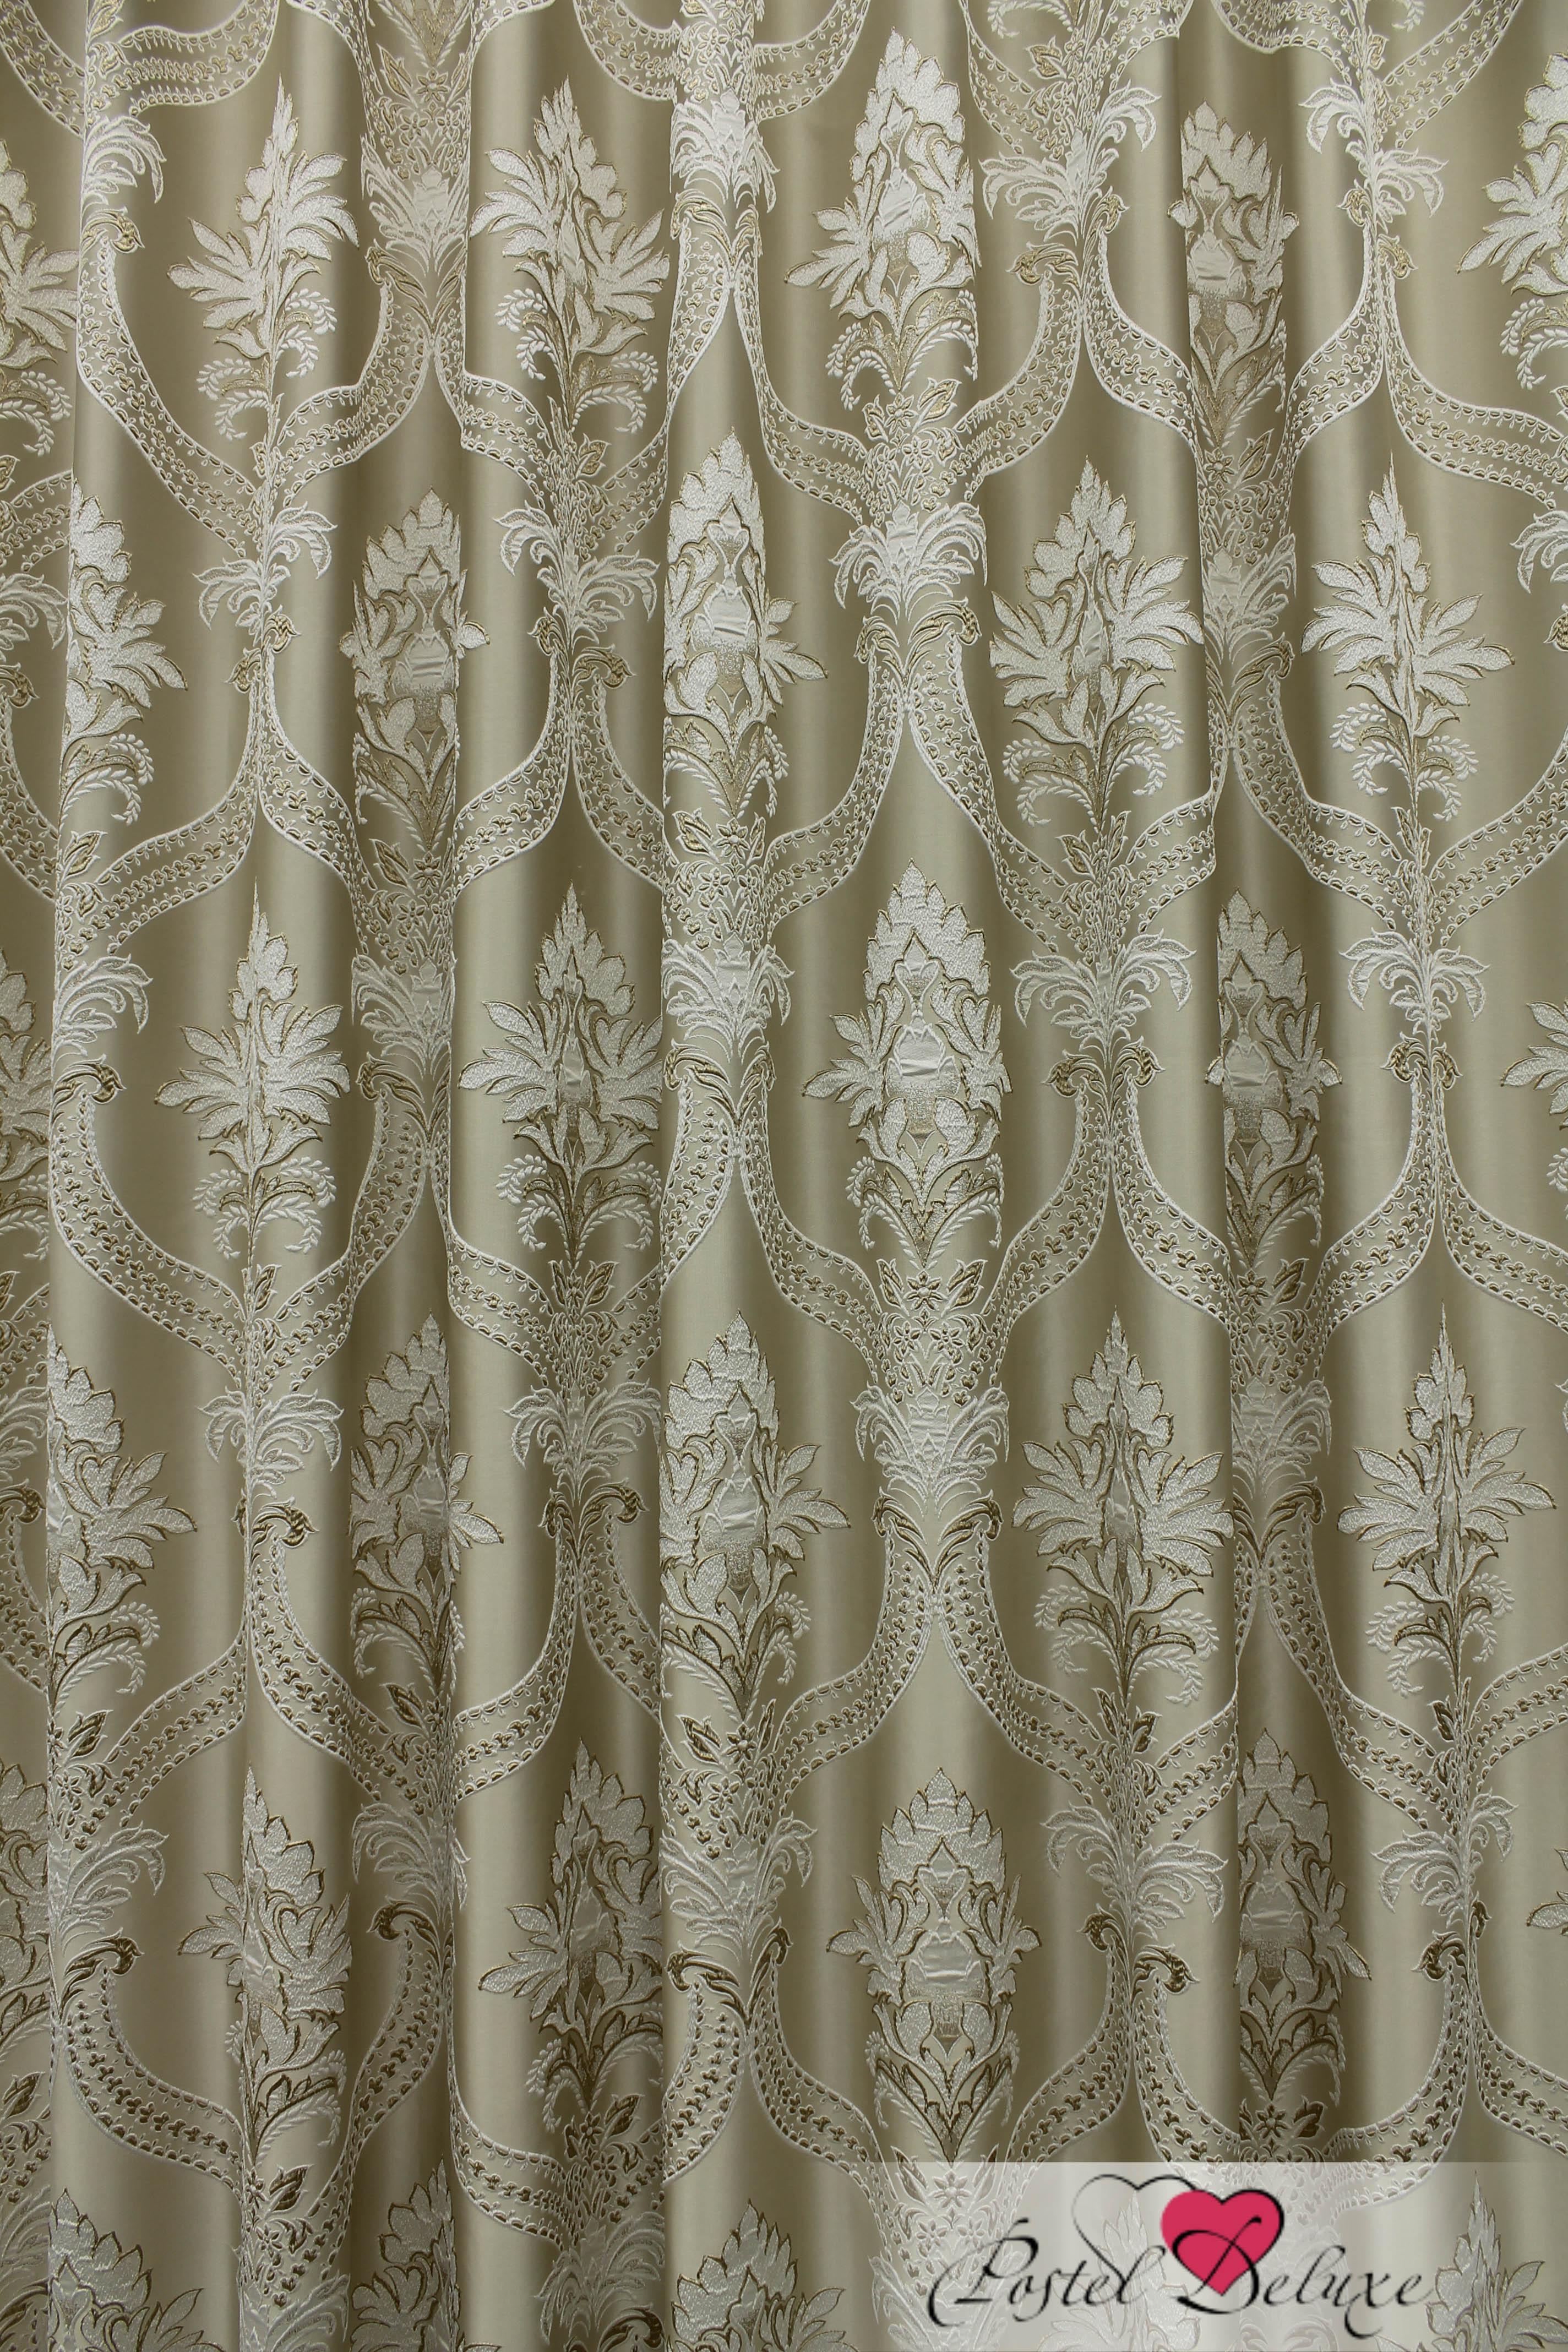 Шторы Sanpa Классические шторы Нанзия Цвет: Бежевый шторы tac классические шторы winx цвет персиковый 200x265 см